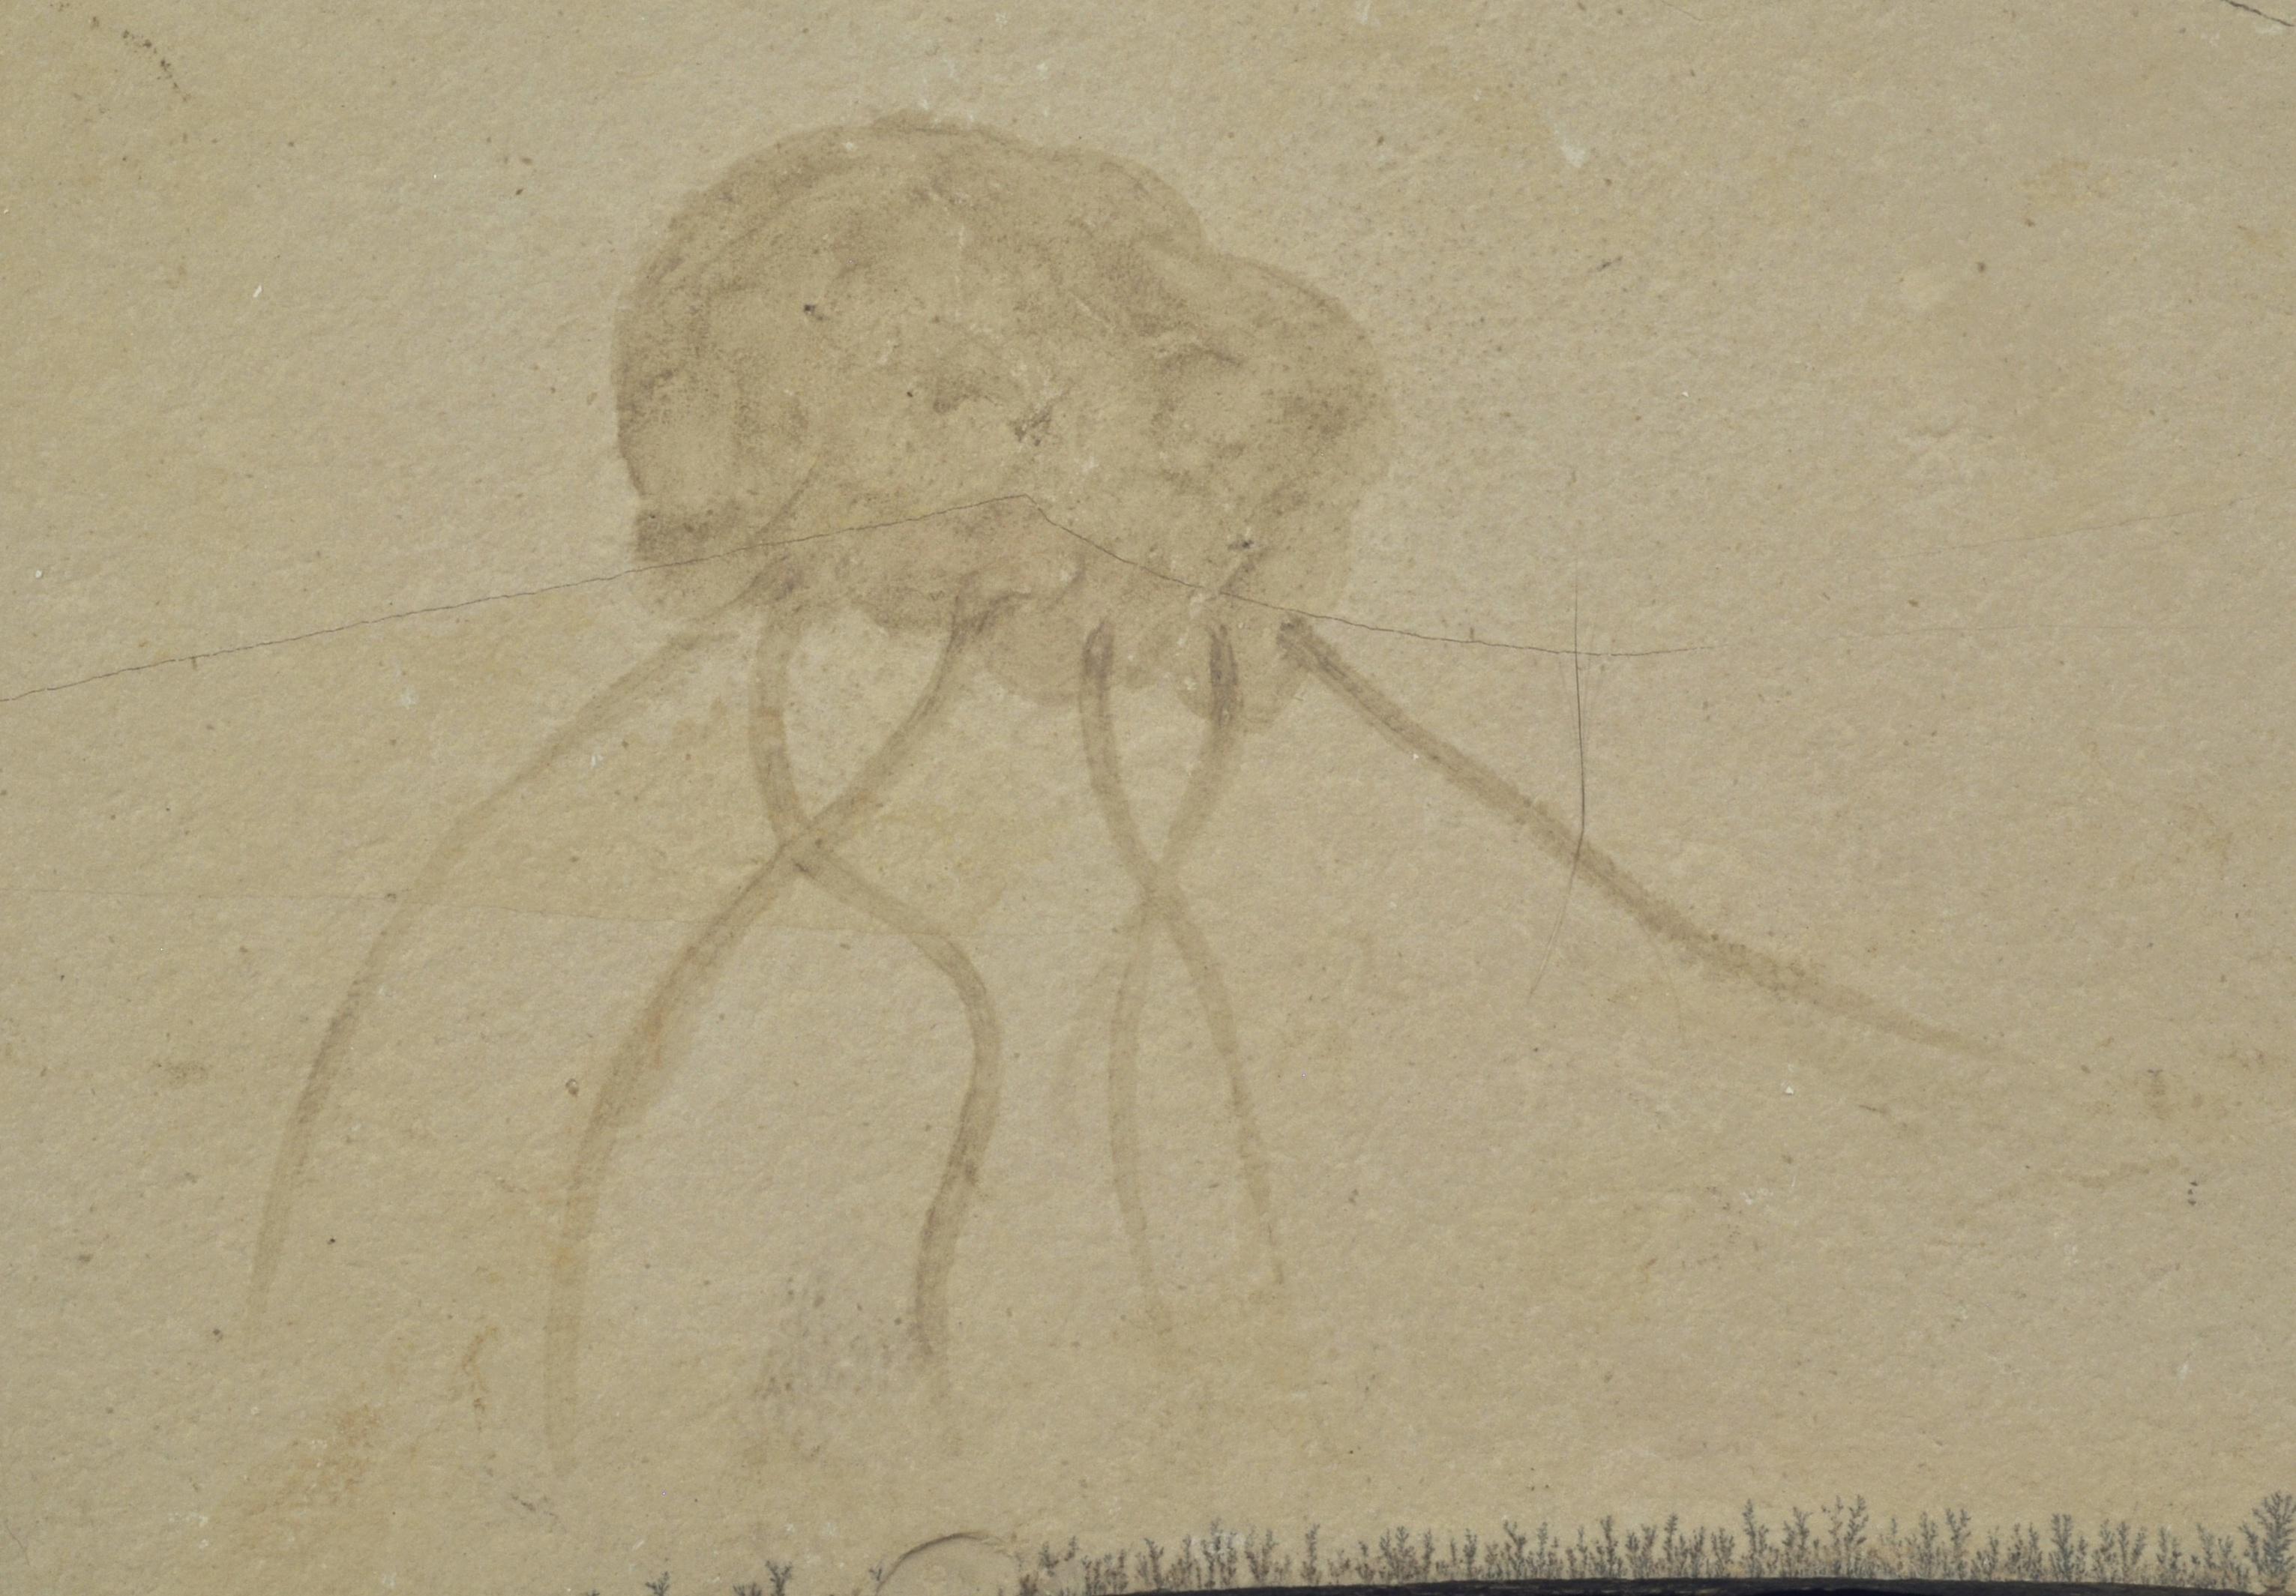 Semaeostomites